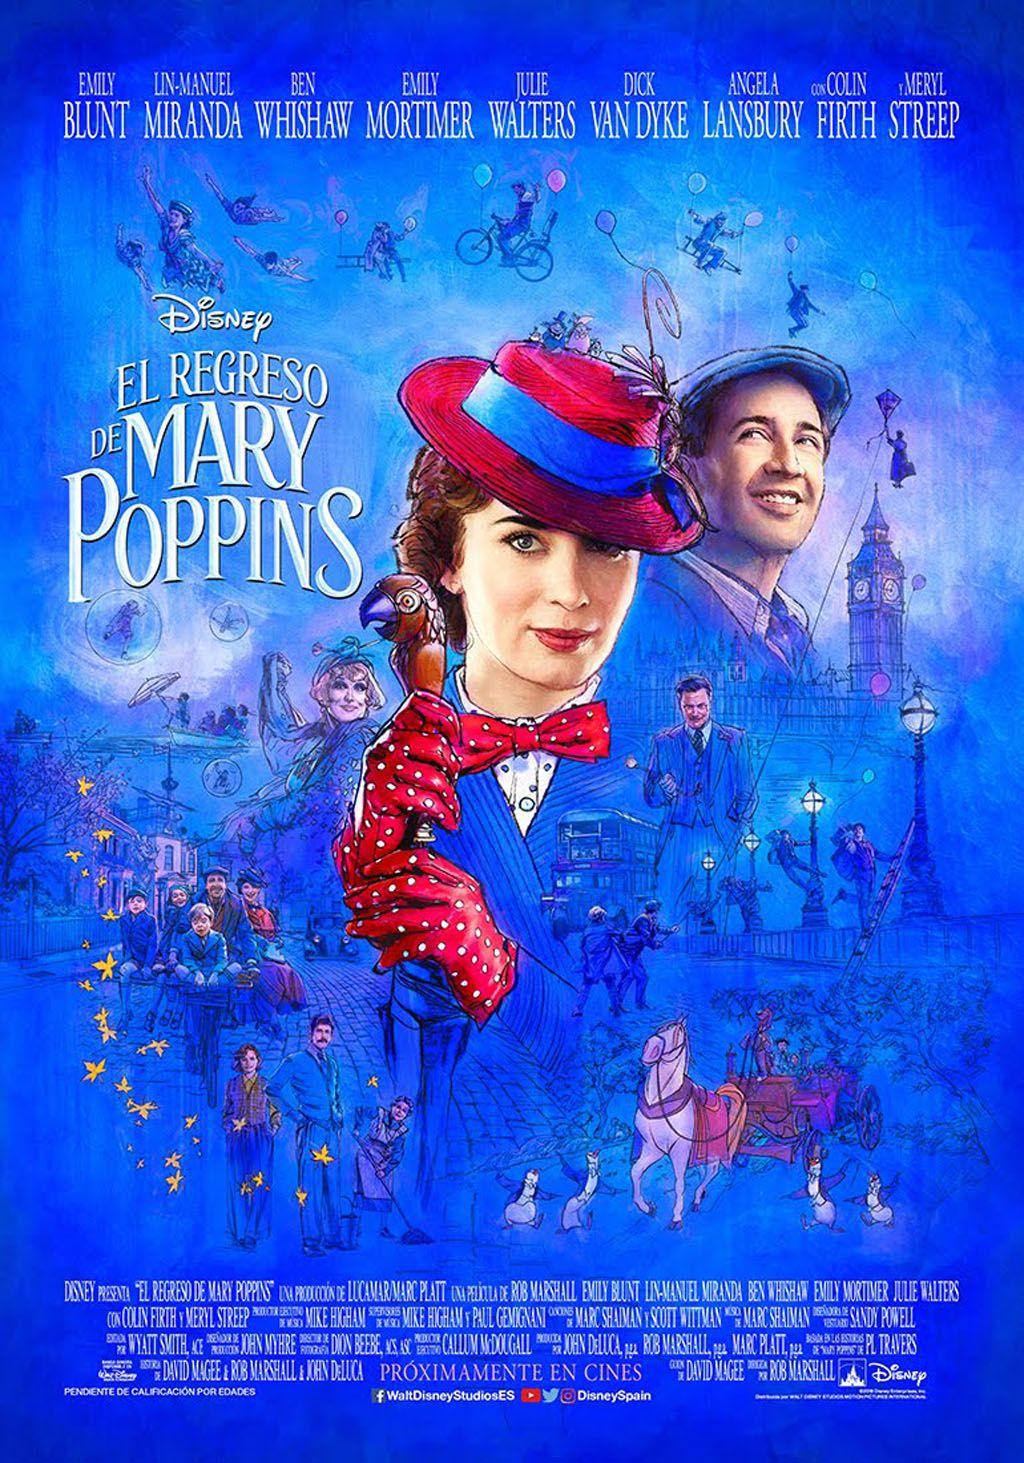 El Regreso de Mary Poppins Películas completas gratis